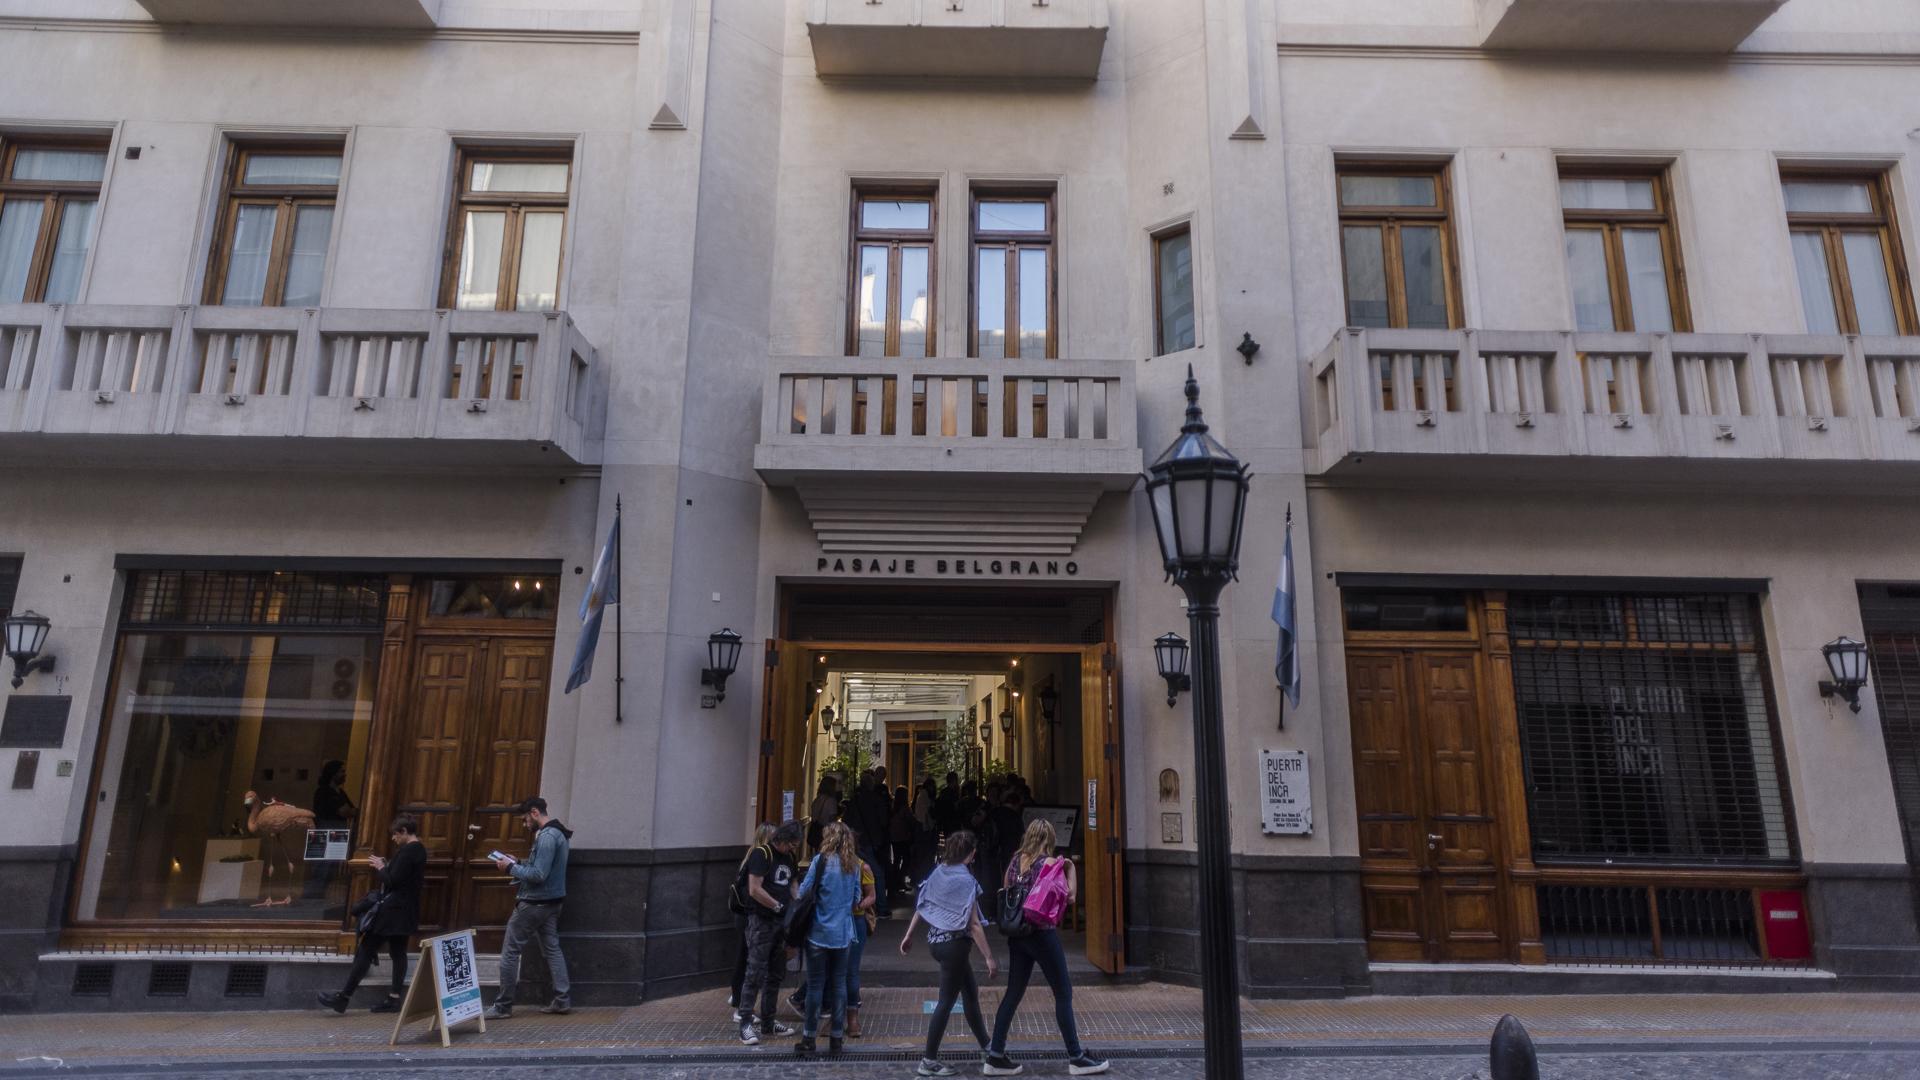 PASAJE BELGRANO. El edificio constituía originalmente un pasaje con entrada por las calles Bolivar y Belgrano, rodeado por viviendas de renta en los pisos superiores y locales comerciales en planta baja.